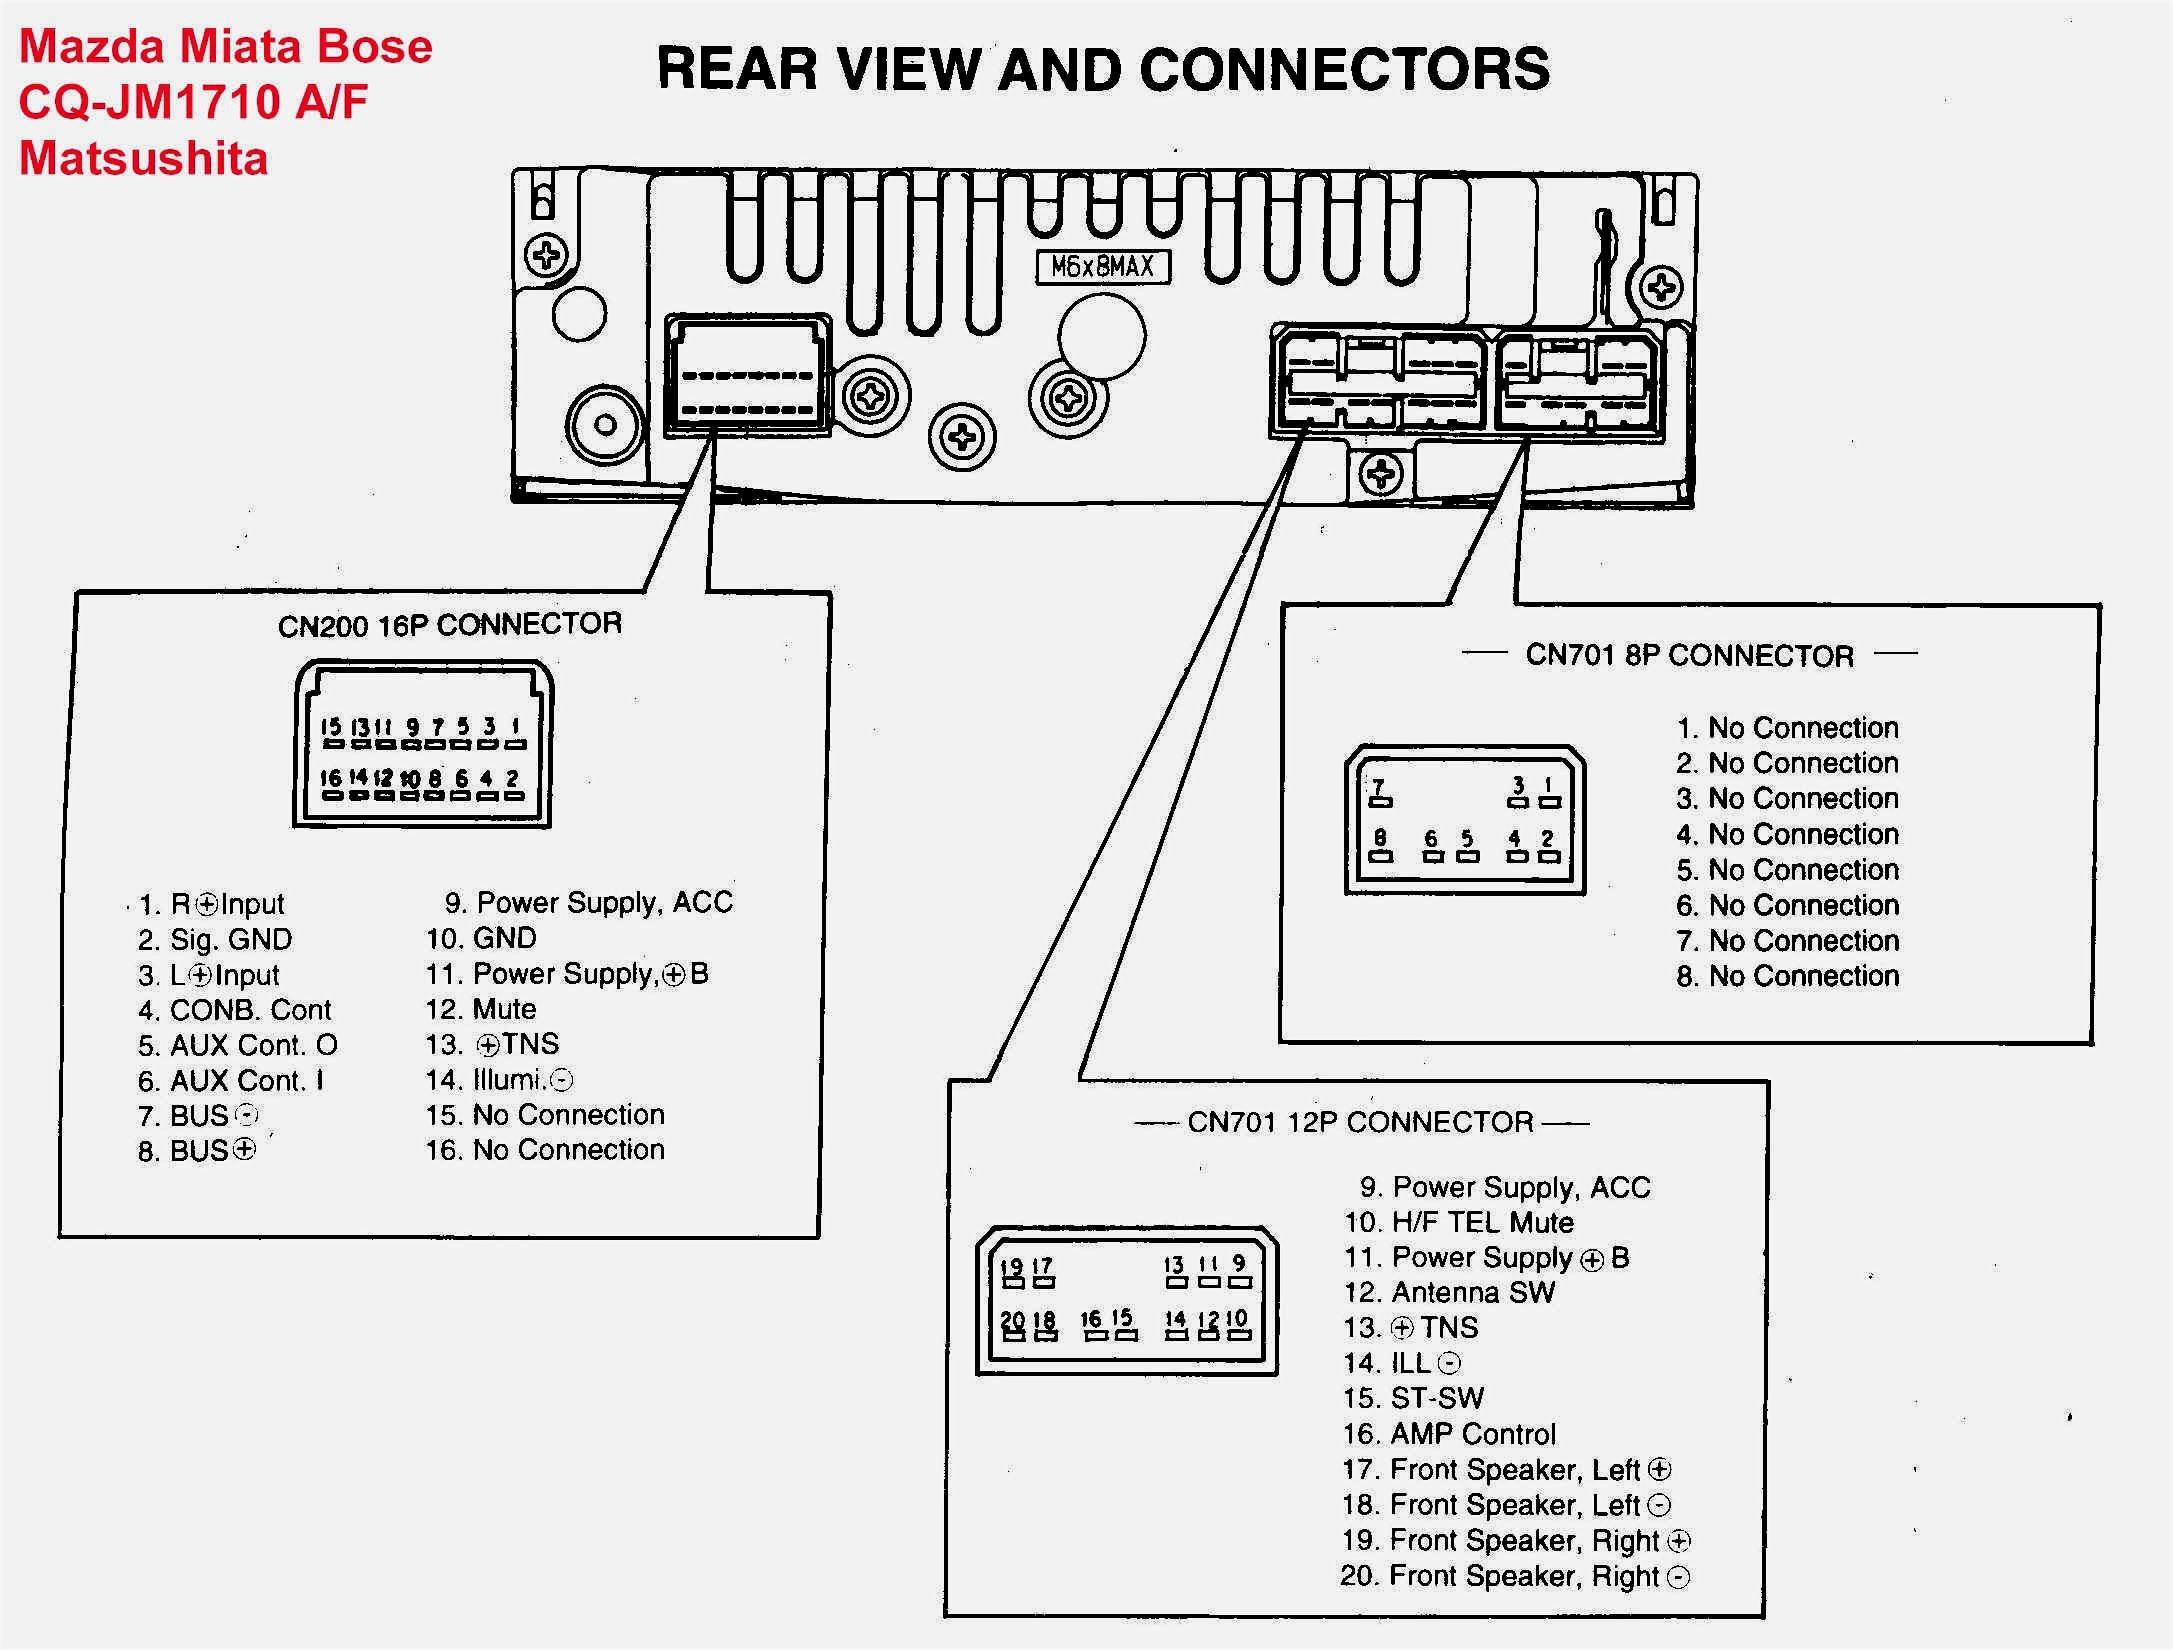 pioneer avh 270bt wiring diagram wiring diagram image rh mainetreasurechest com Pioneer Avh -X1600dvd Wiring-Diagram Pioneer AVH X1500DVD Wiring-Diagram